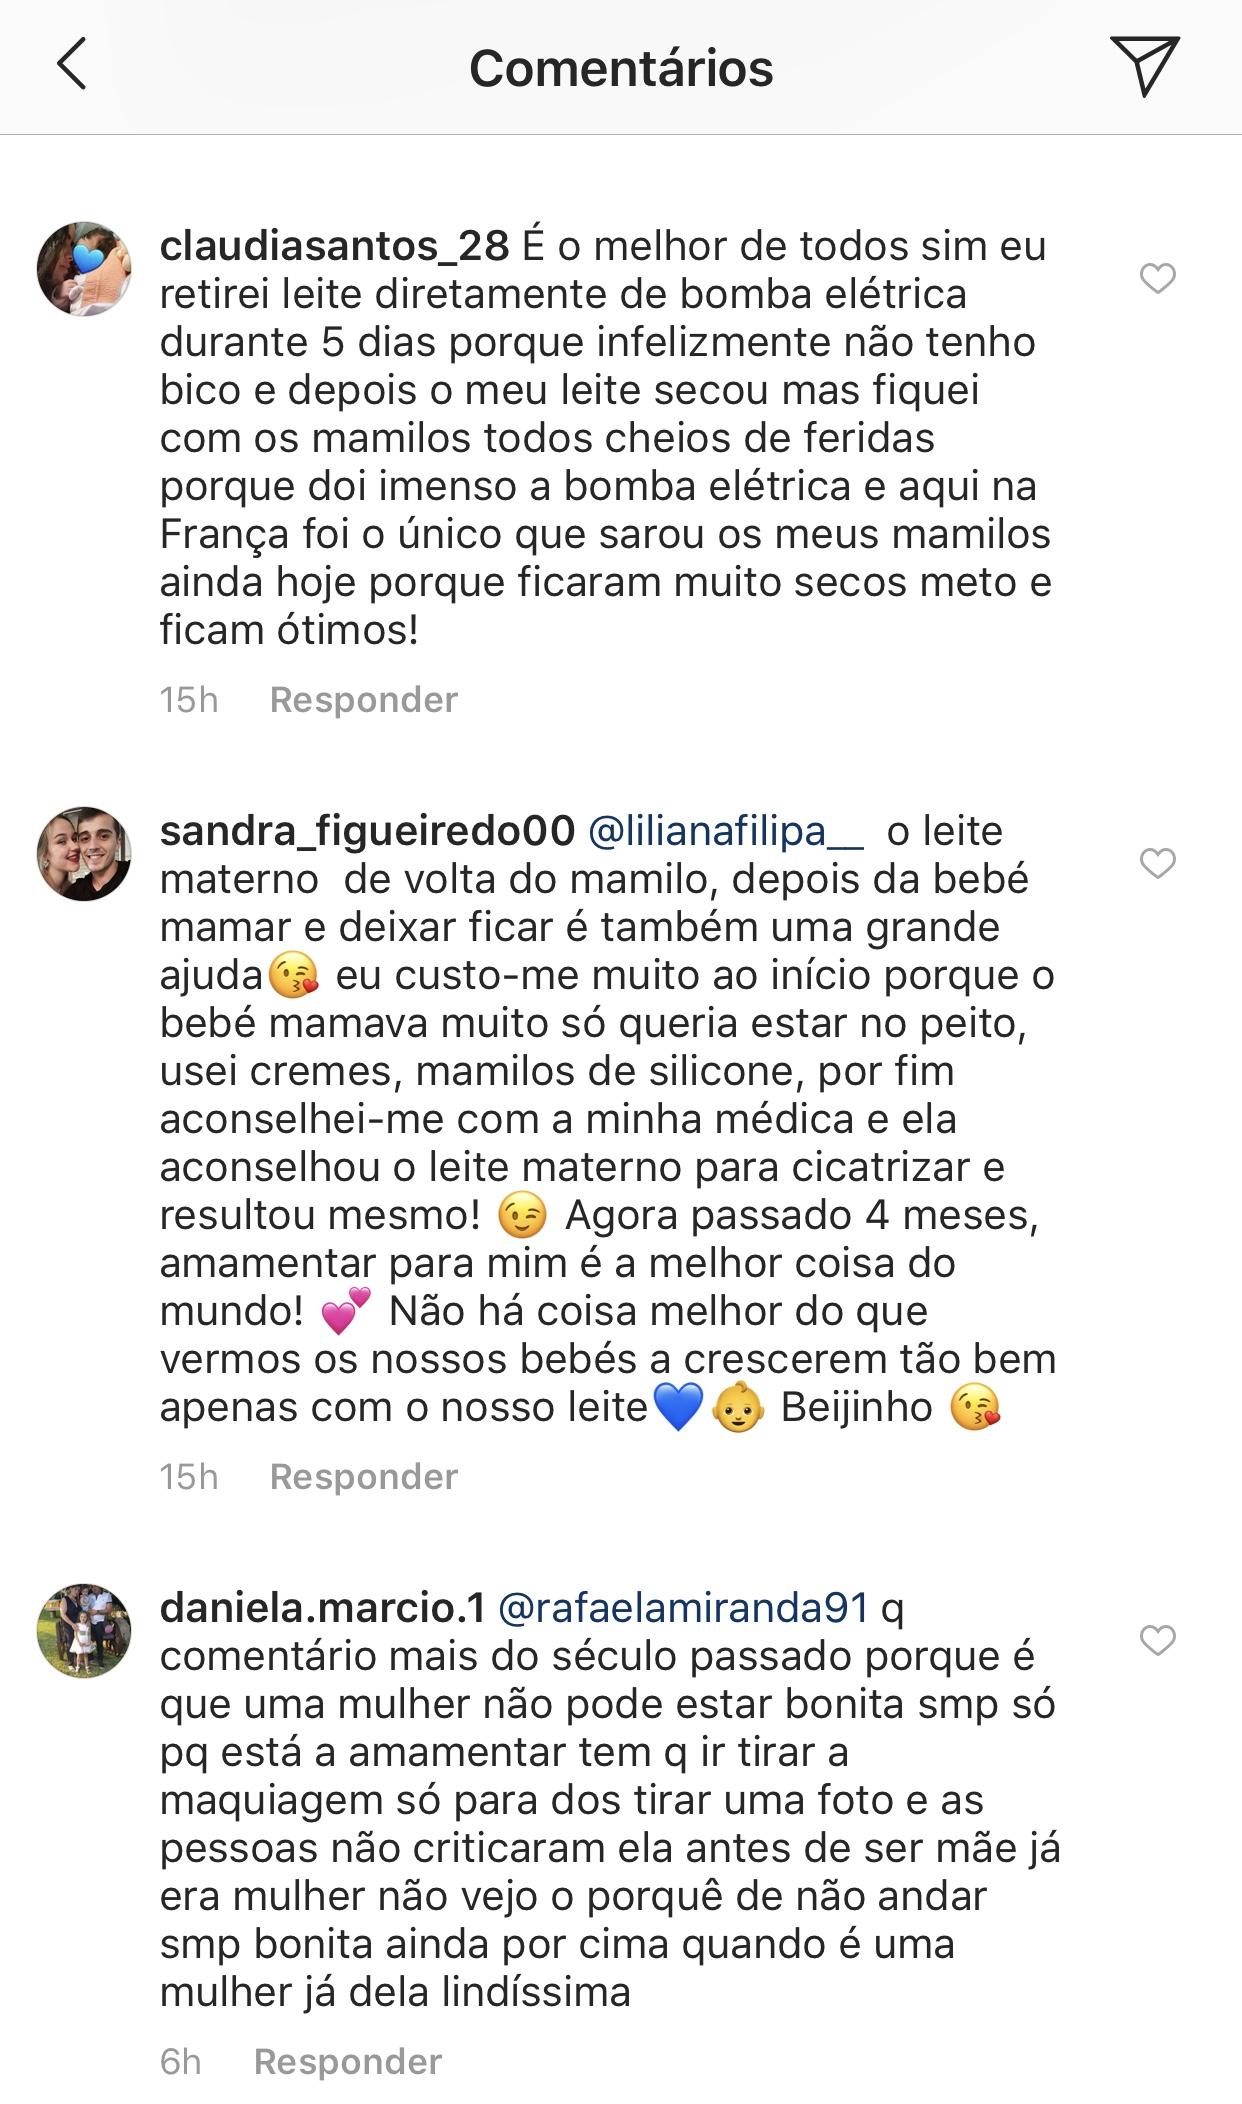 Liliana Filipa Amamentar Ariel Criticada 1 Liliana Filipa Revela Dificuldade Com A Filha E É Criticada